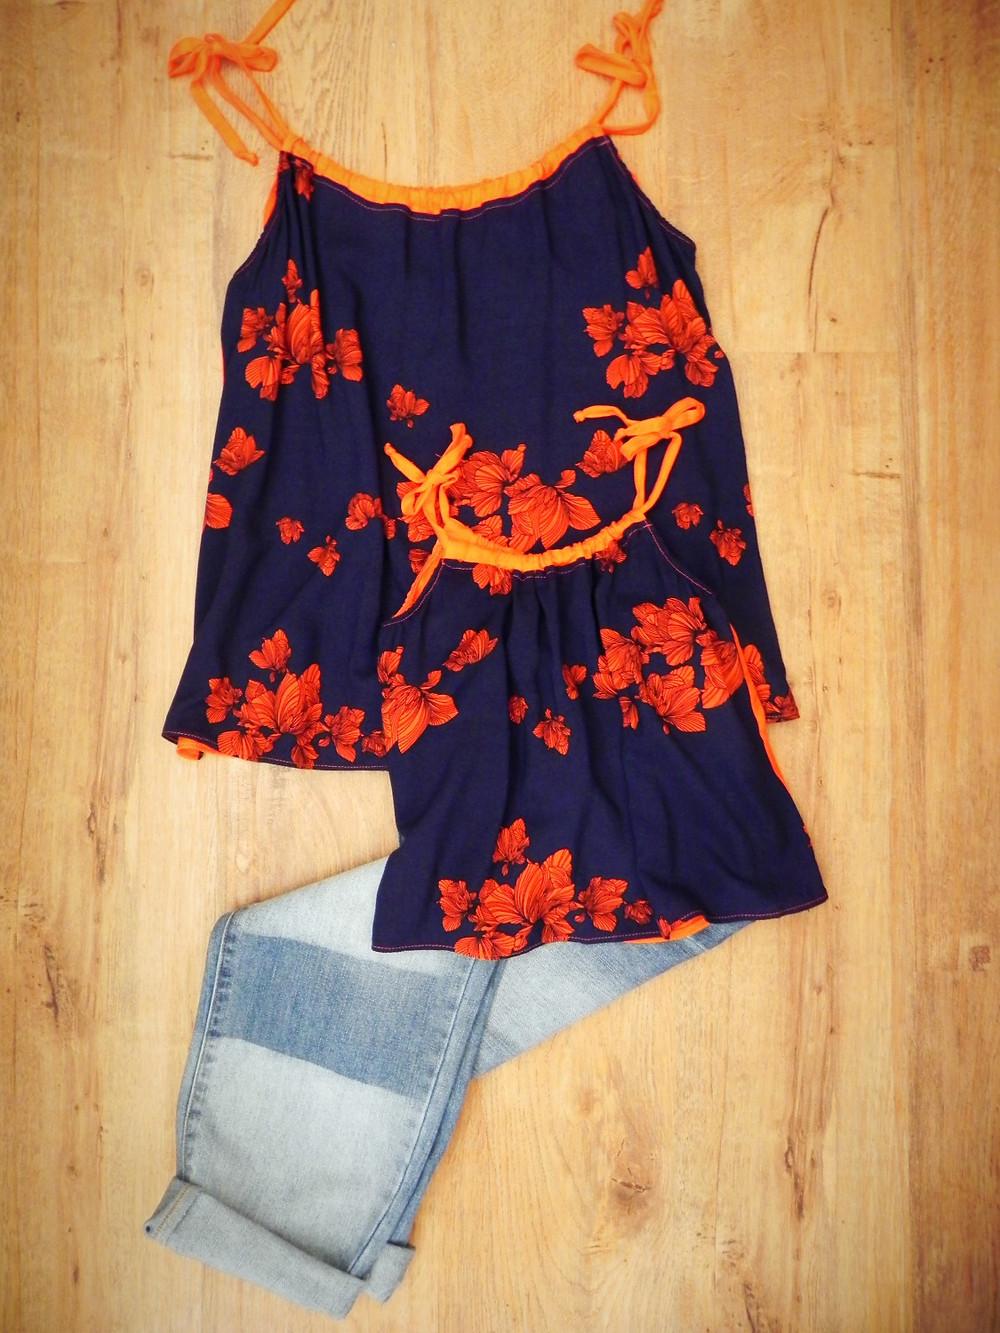 look com blusas tal mãe tal filha - moda mãe e filha  https://www.elo7.com.br/blusas-laranja-oriental-mae-e-filha/dp/8917DA#smsm=0&df=d&rps=0&ucf=1&ucrq=1&uss=1&sac=0&uso=d&usf=1